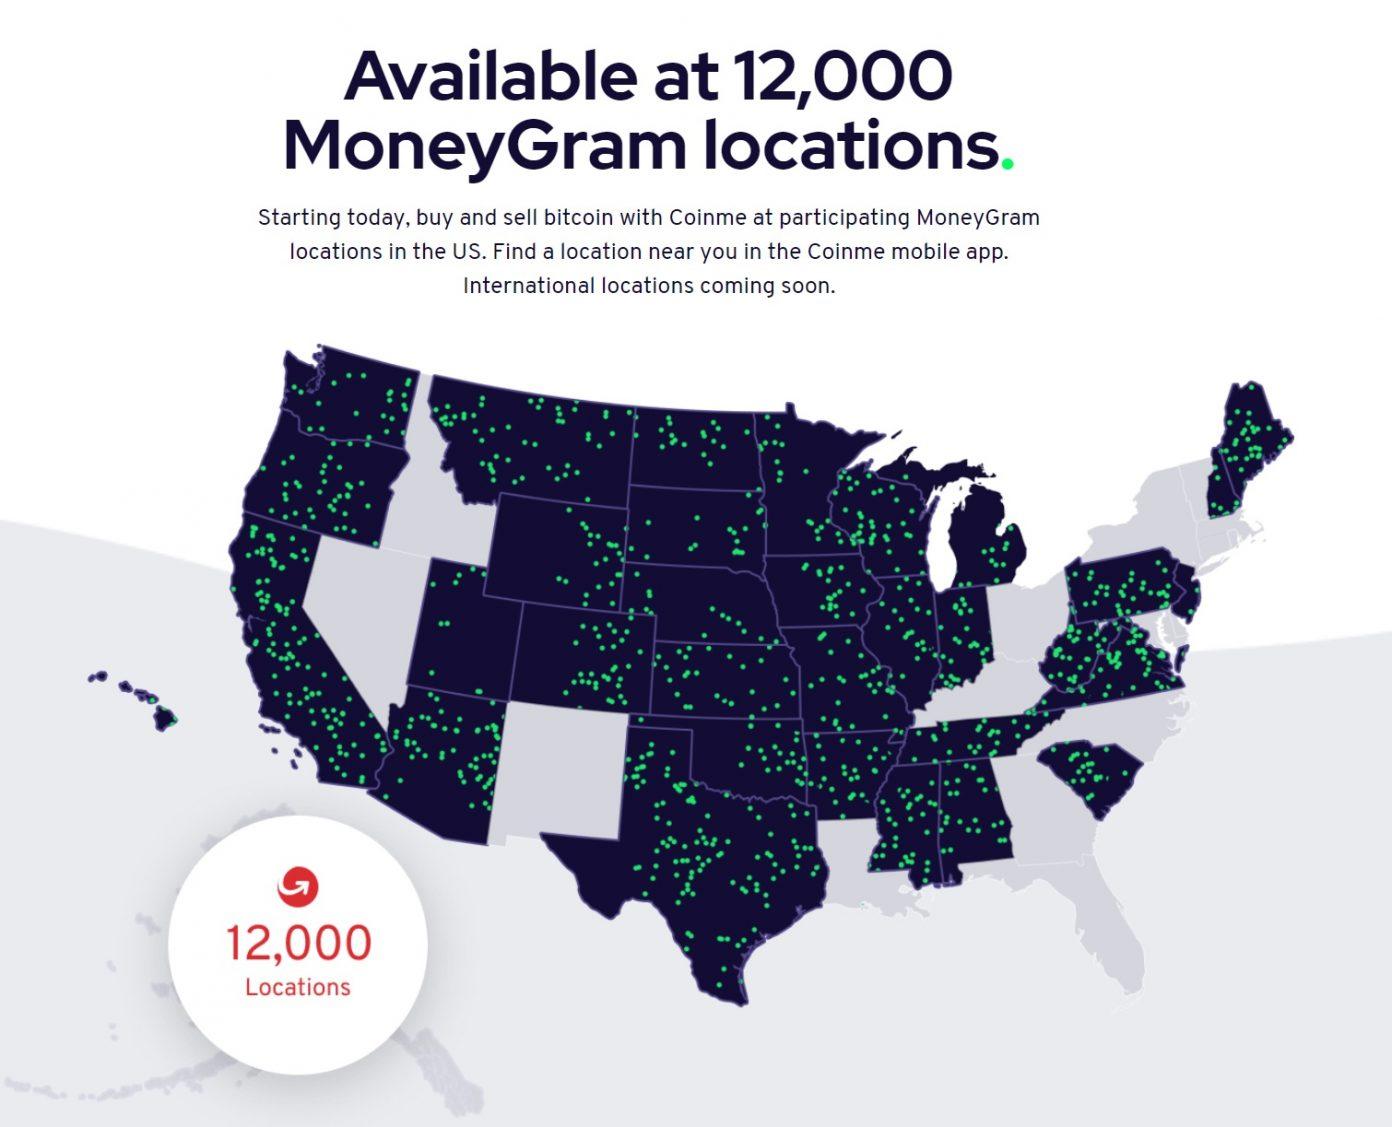 moneygram bitcoin sale